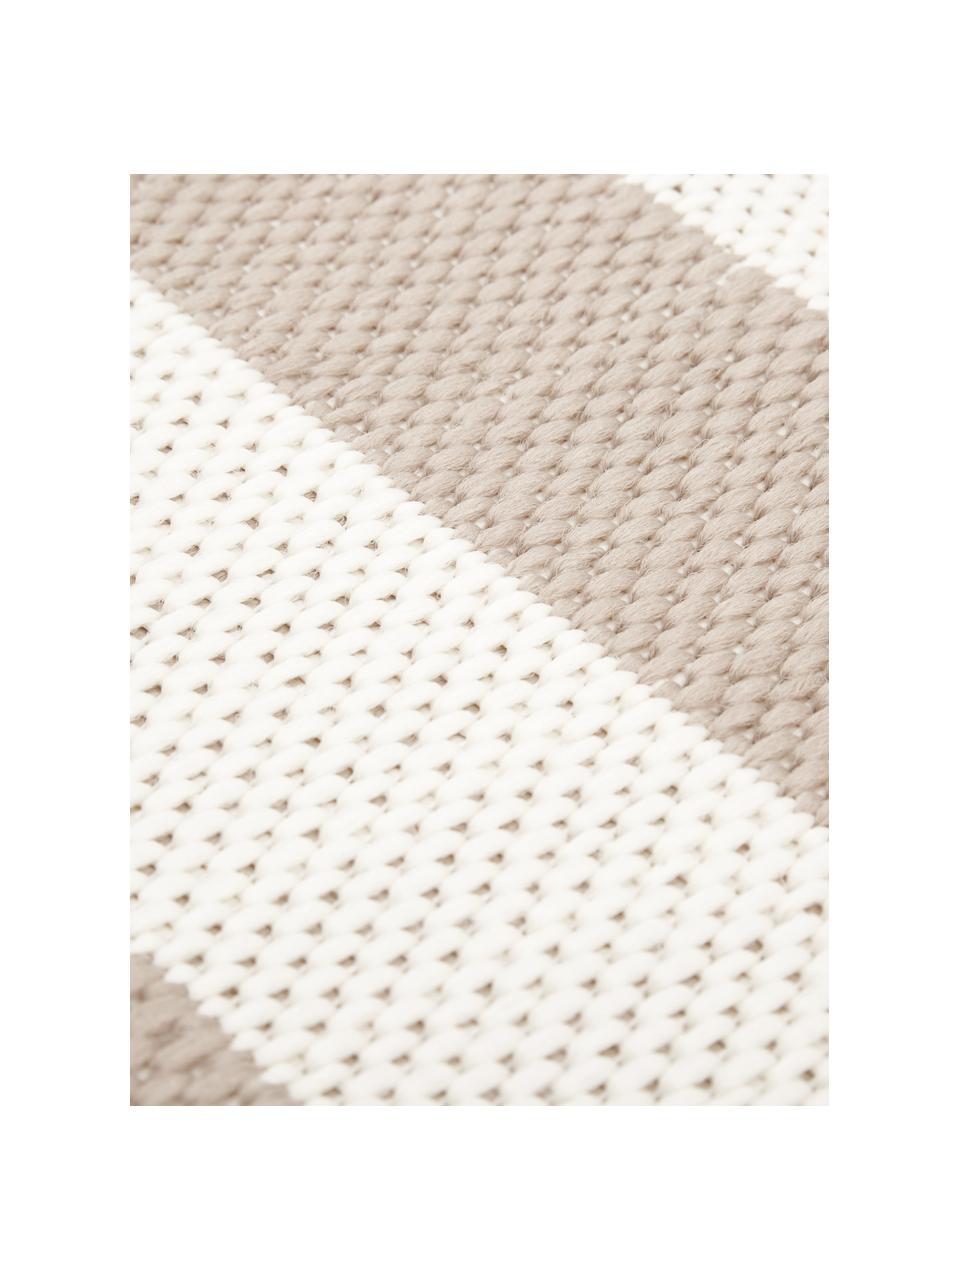 Dywan wewnętrzny/zewnętrzny Axa, 86% polipropylen, 14% poliester, Kremowobiały, beżowy, S 200 x D 290 cm (Rozmiar L)